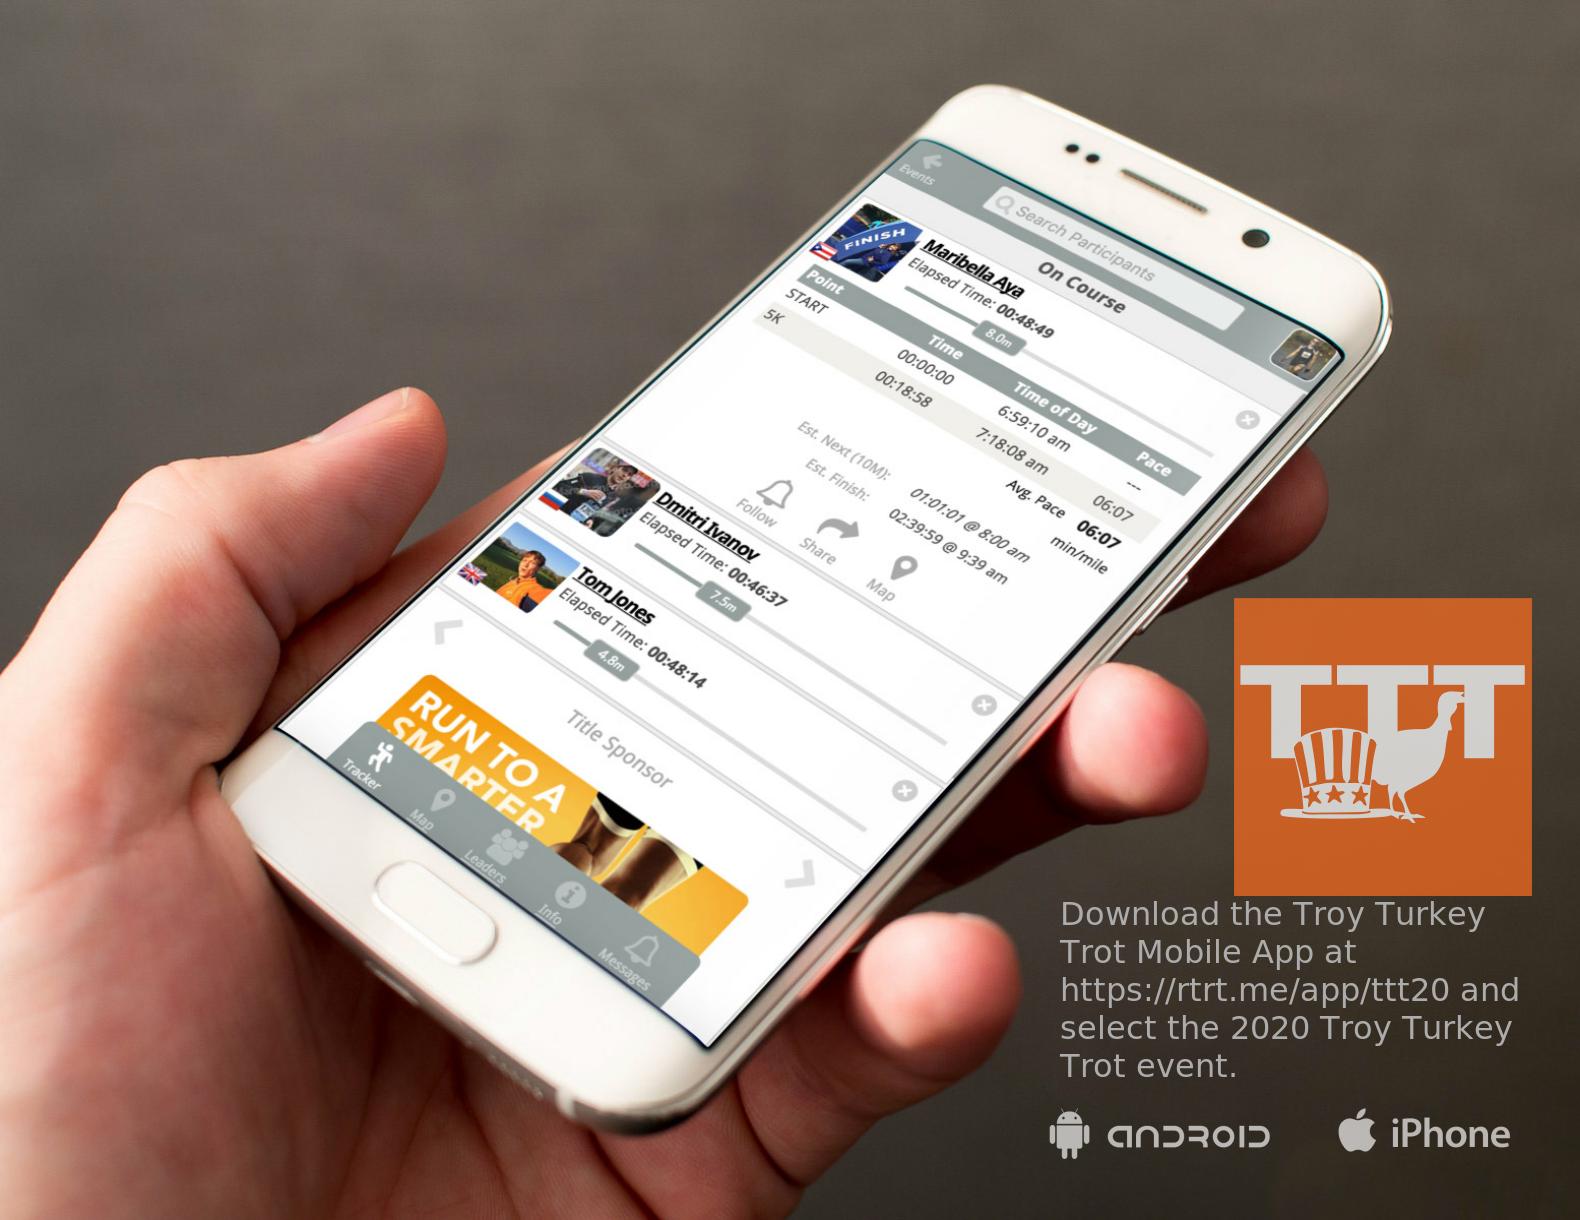 ttt-2020-mobile-app-promo-2